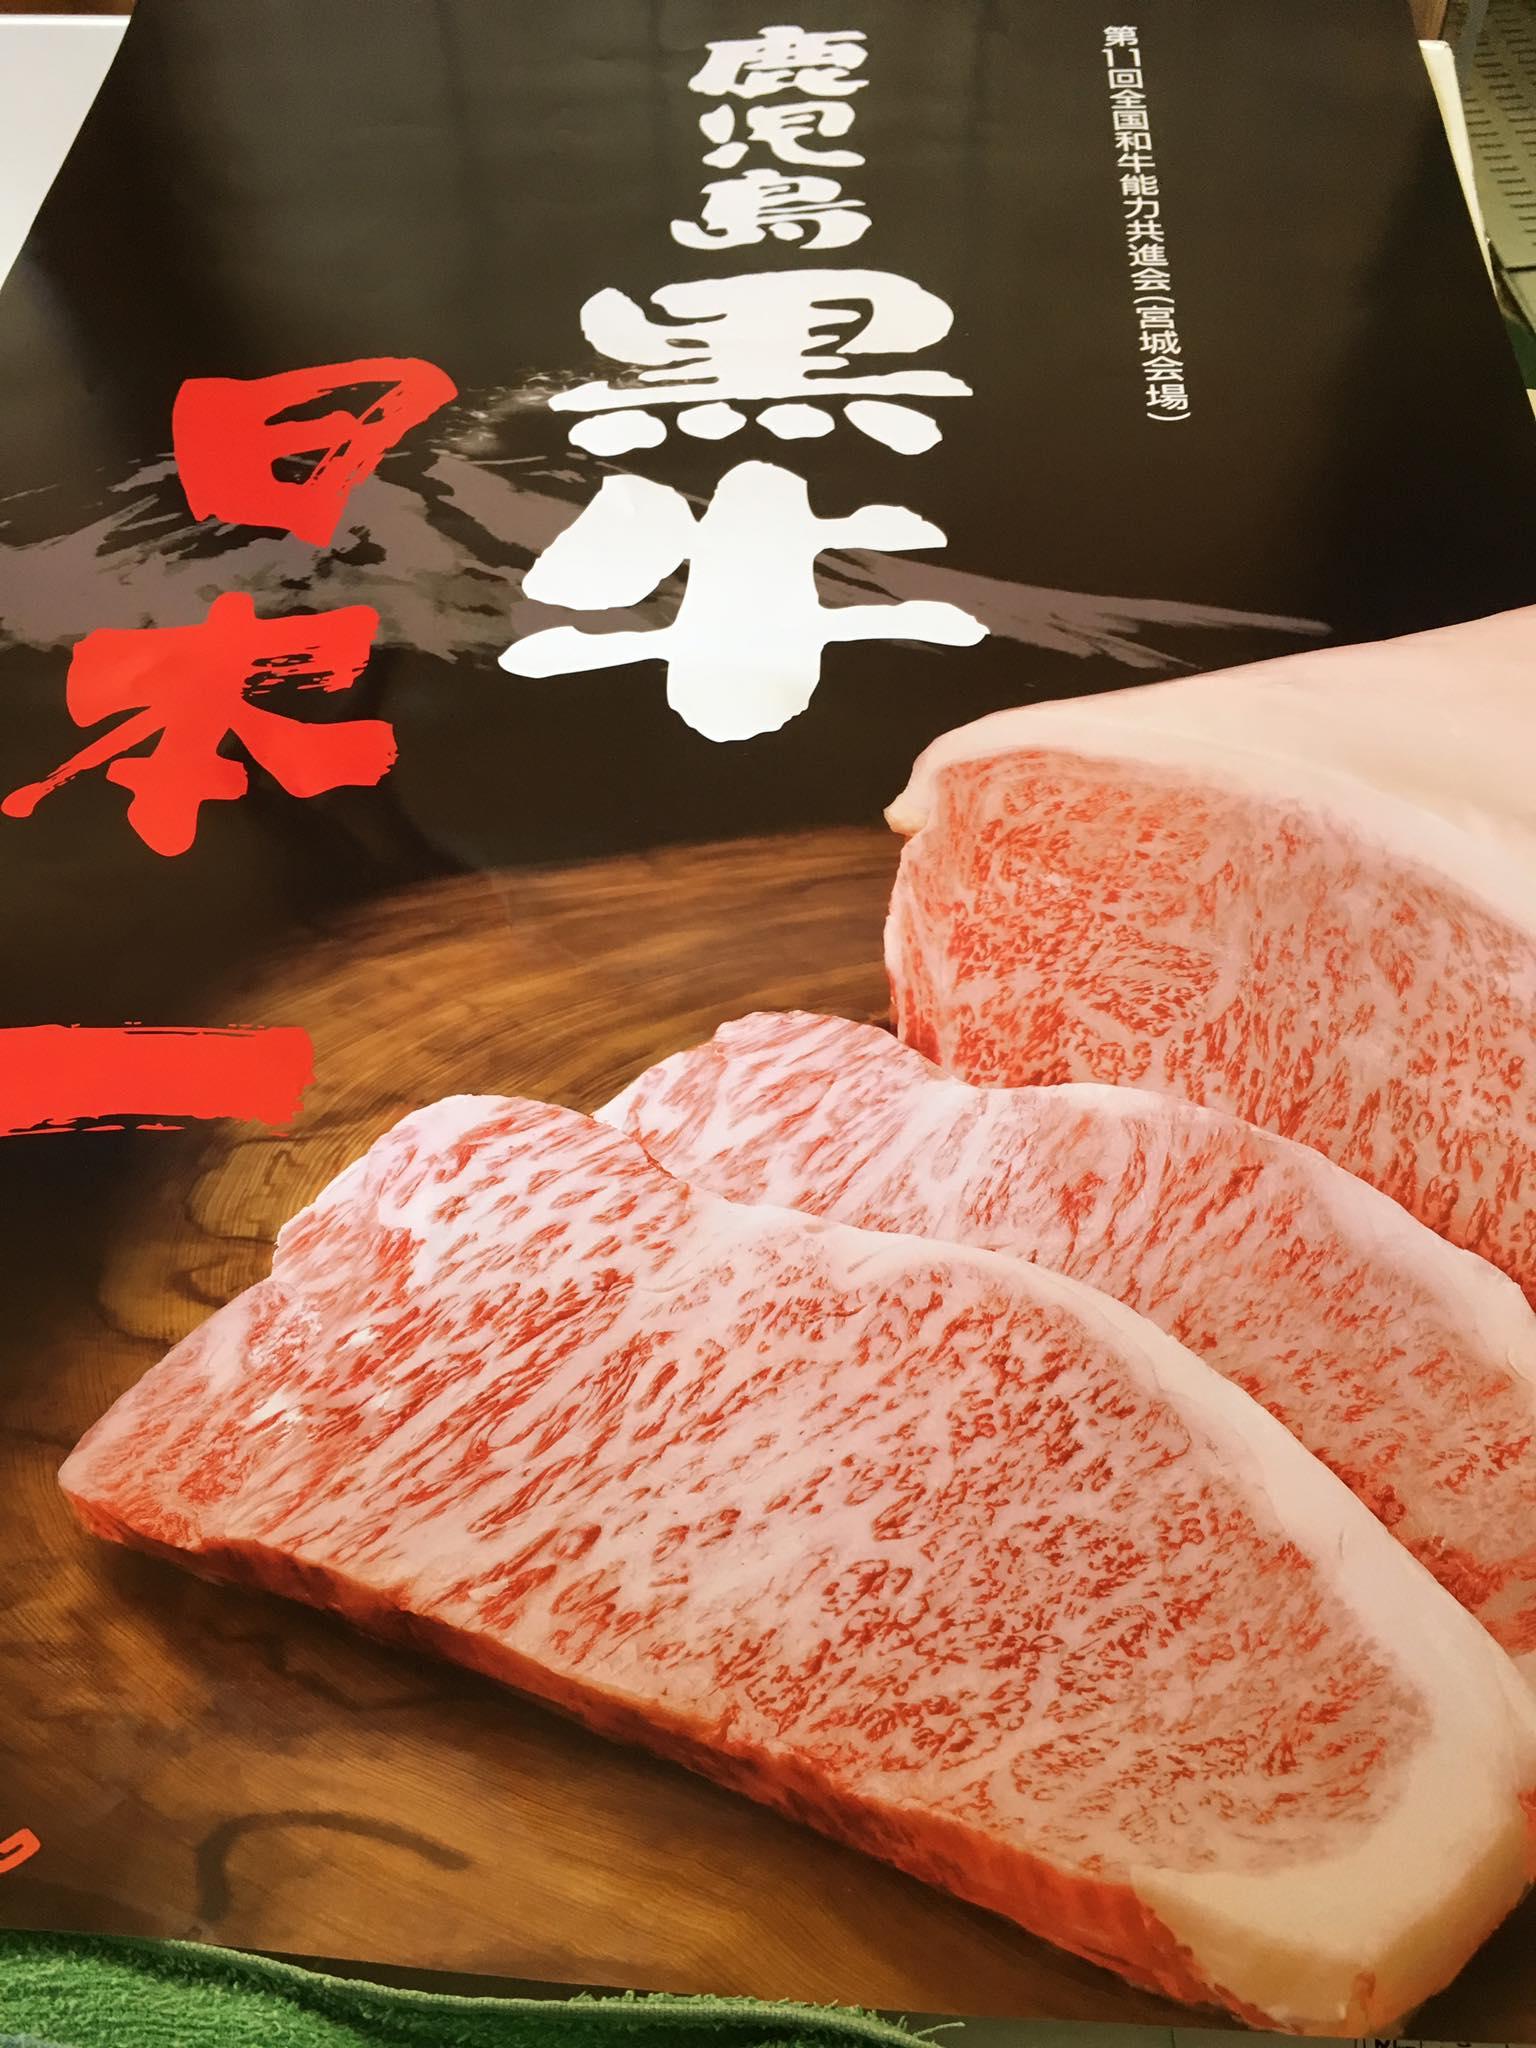 日本一の鹿児島の和牛!やったね!和牛能力共進会